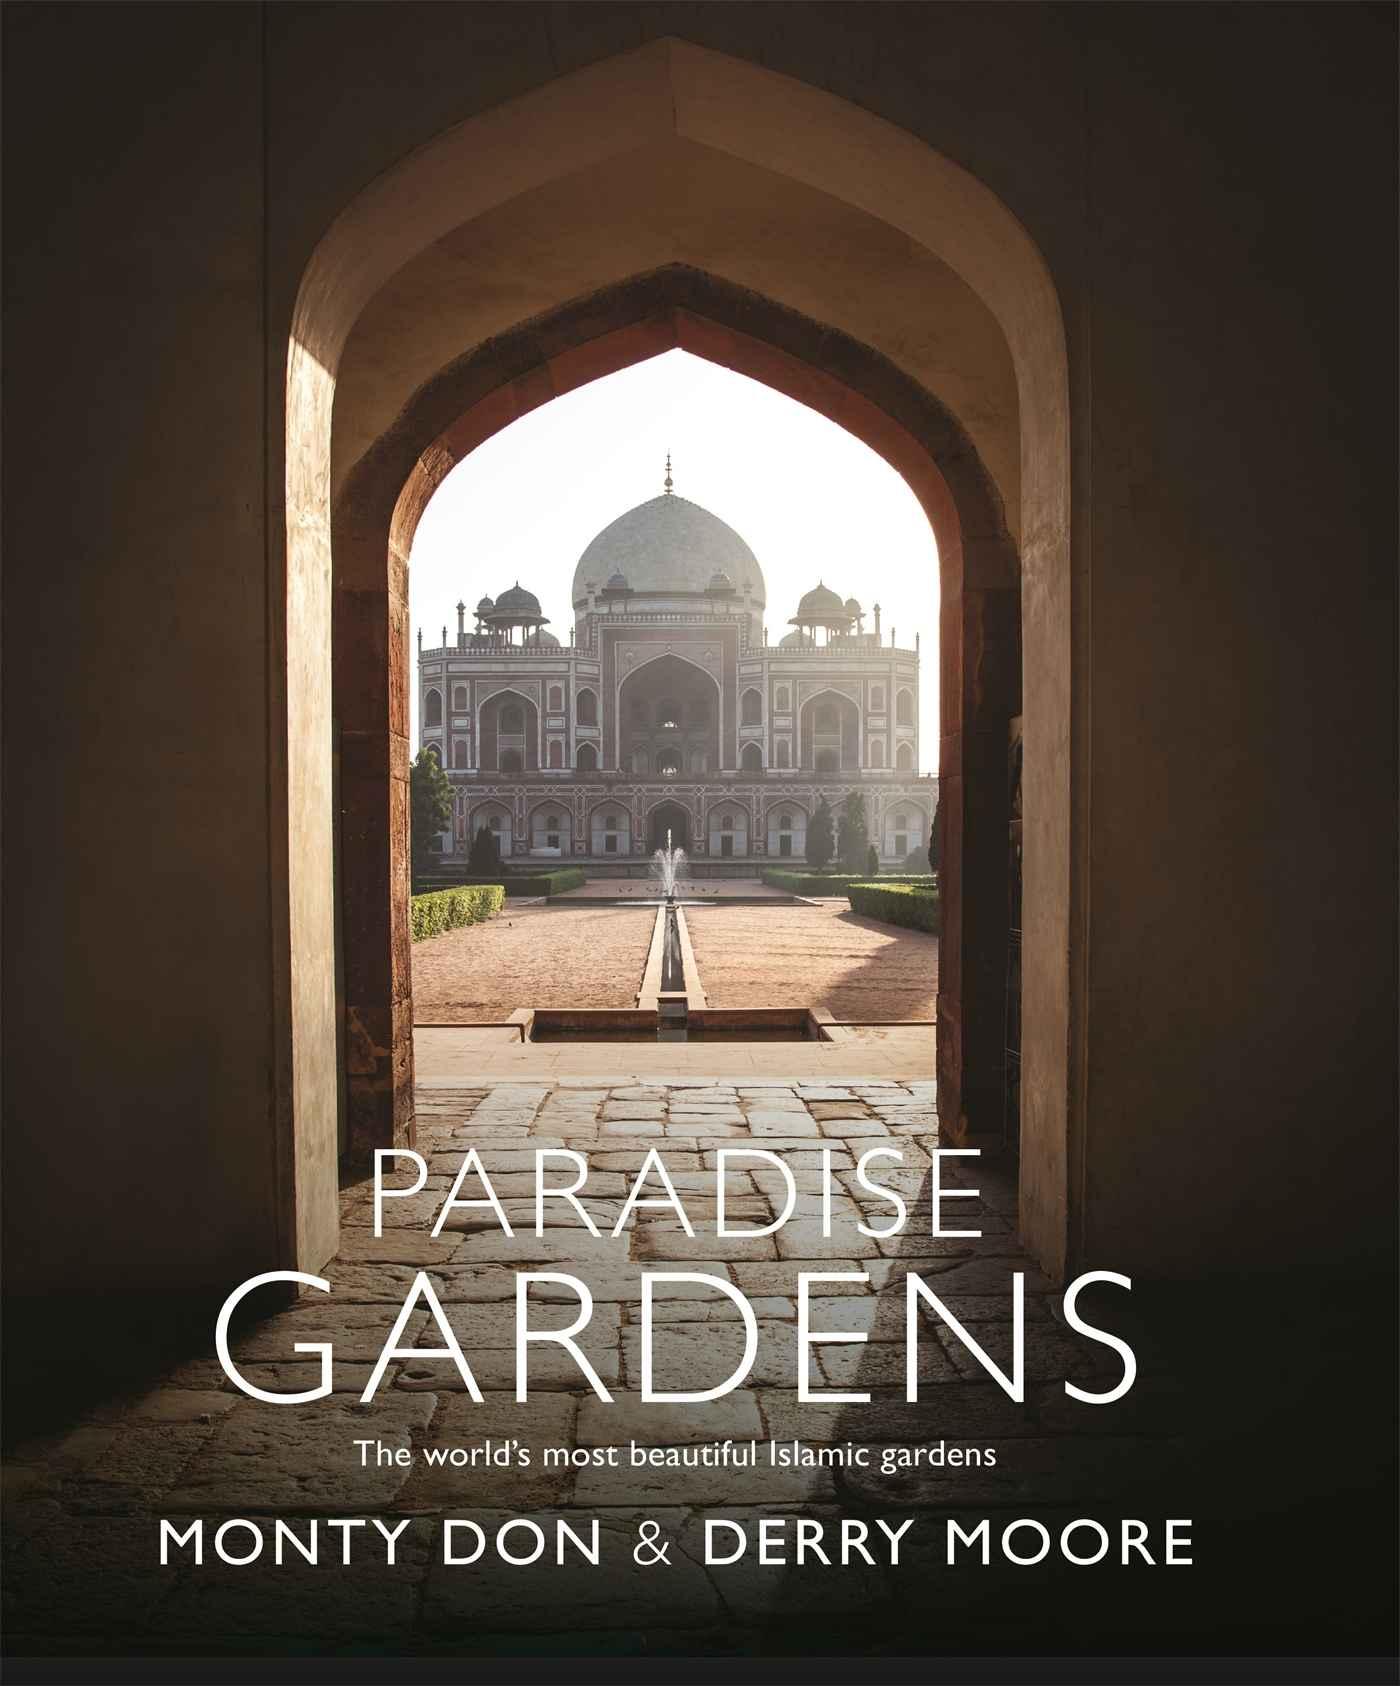 Now Reading: Divine gardens, a unflinching memoir & a feast of art - Reads